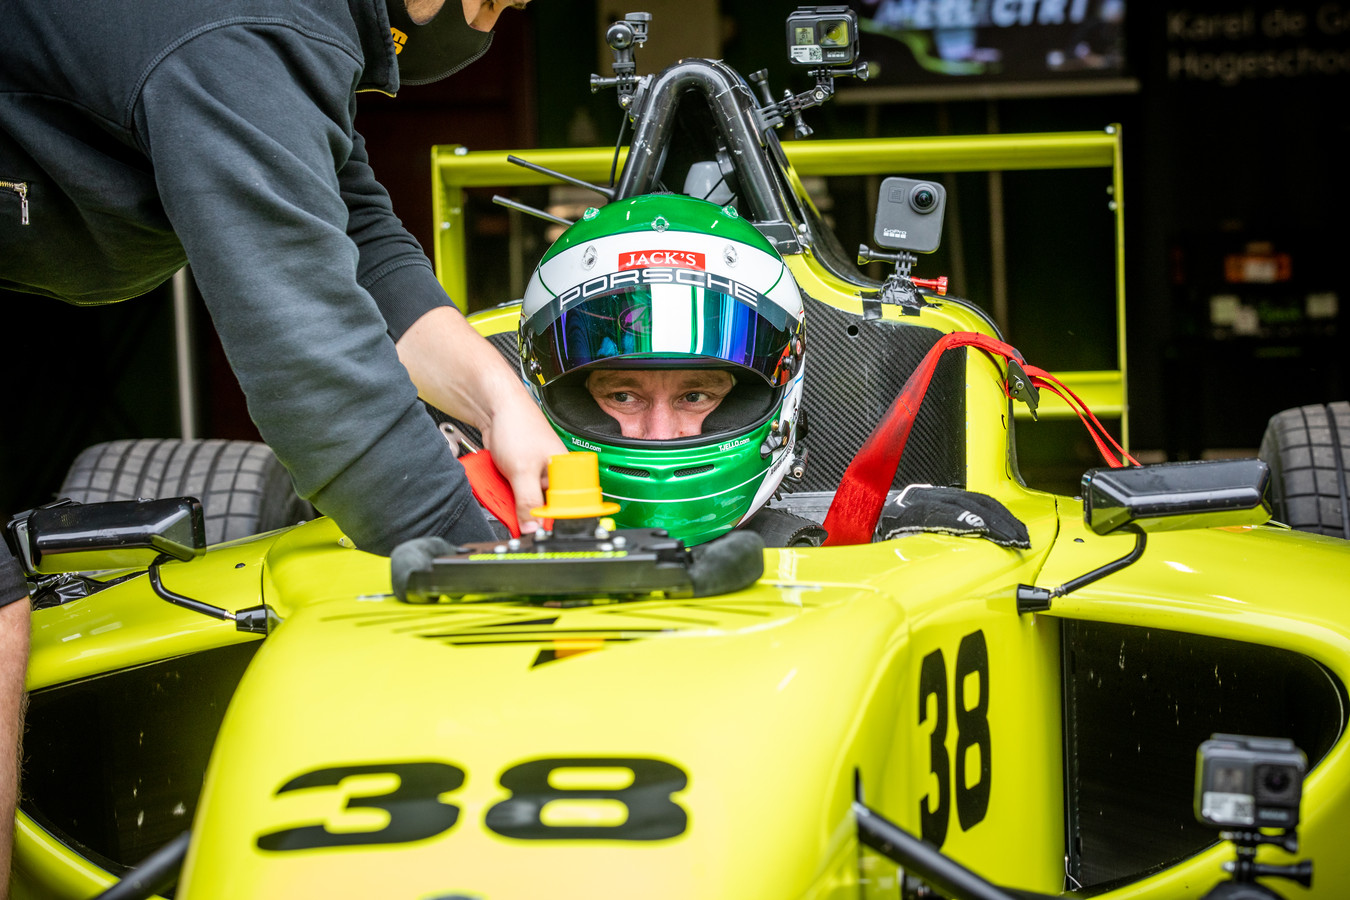 De elektrische Formule 4 racewagen van ERA en Karel de Grote Hogeschool is op weg om een splinternieuwe, duurzame racecompetitie mogelijk te maken.